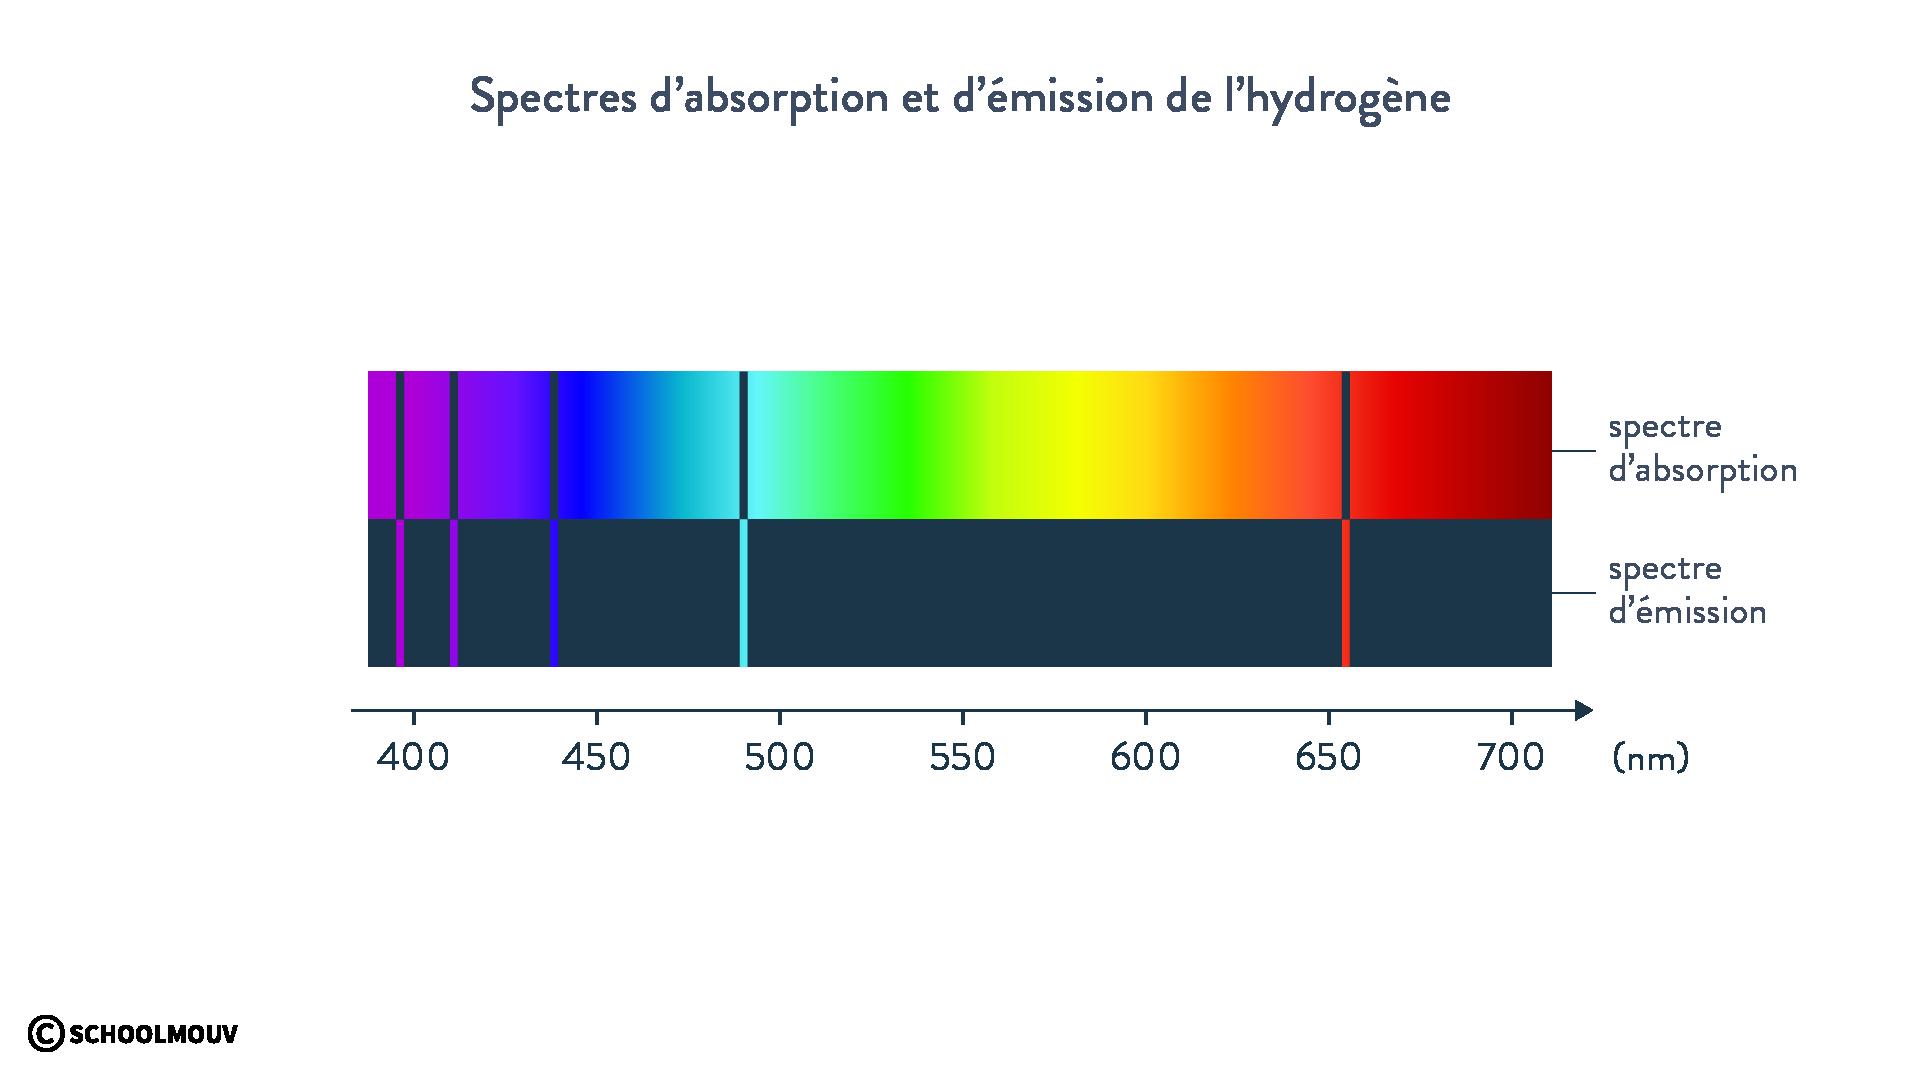 Spectre absorption émission hydrogène